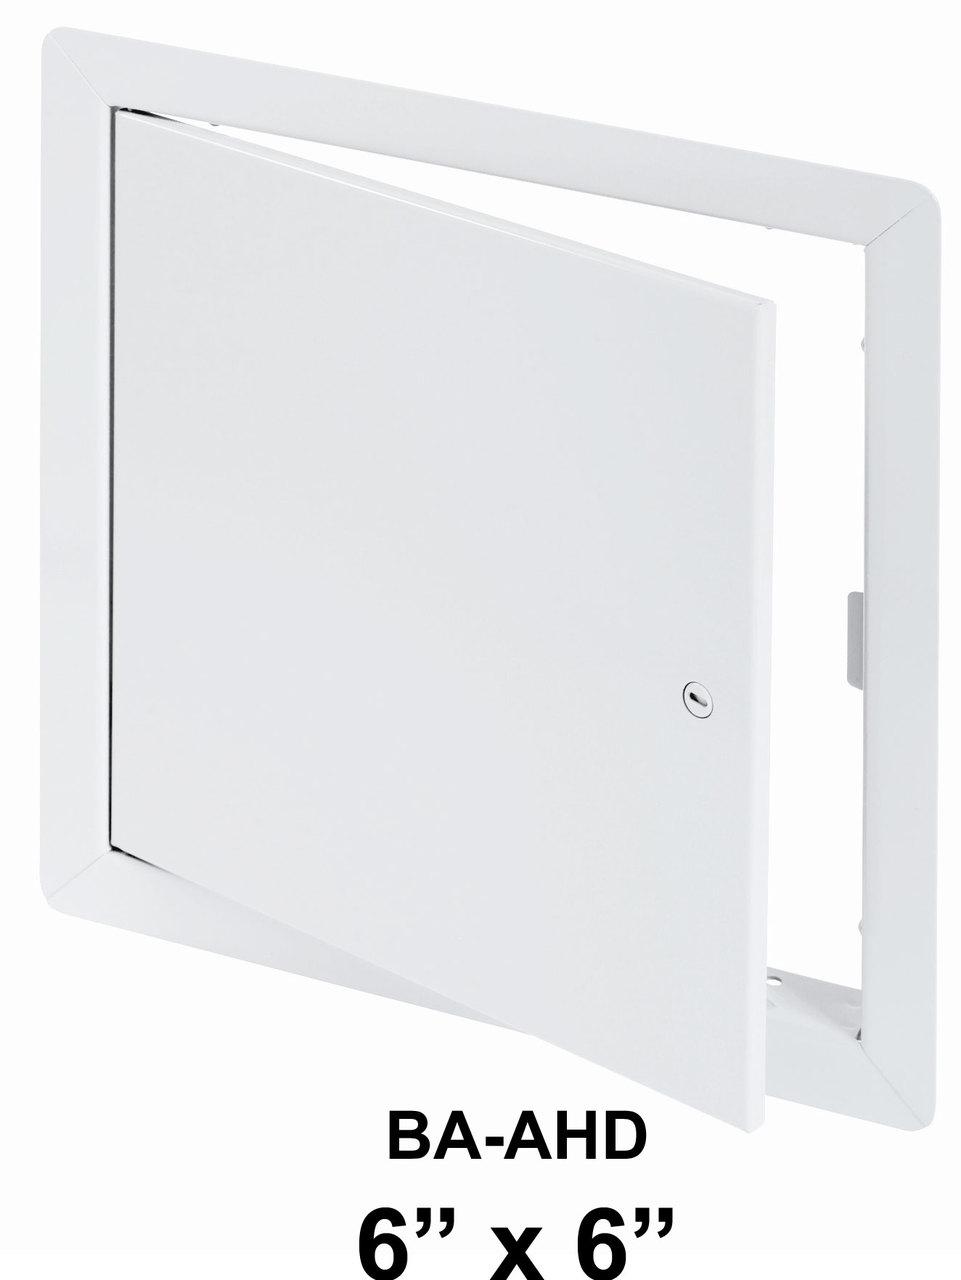 Access Panels BA-AHD 6 x 6 General Purpose Door with Flange – BEST